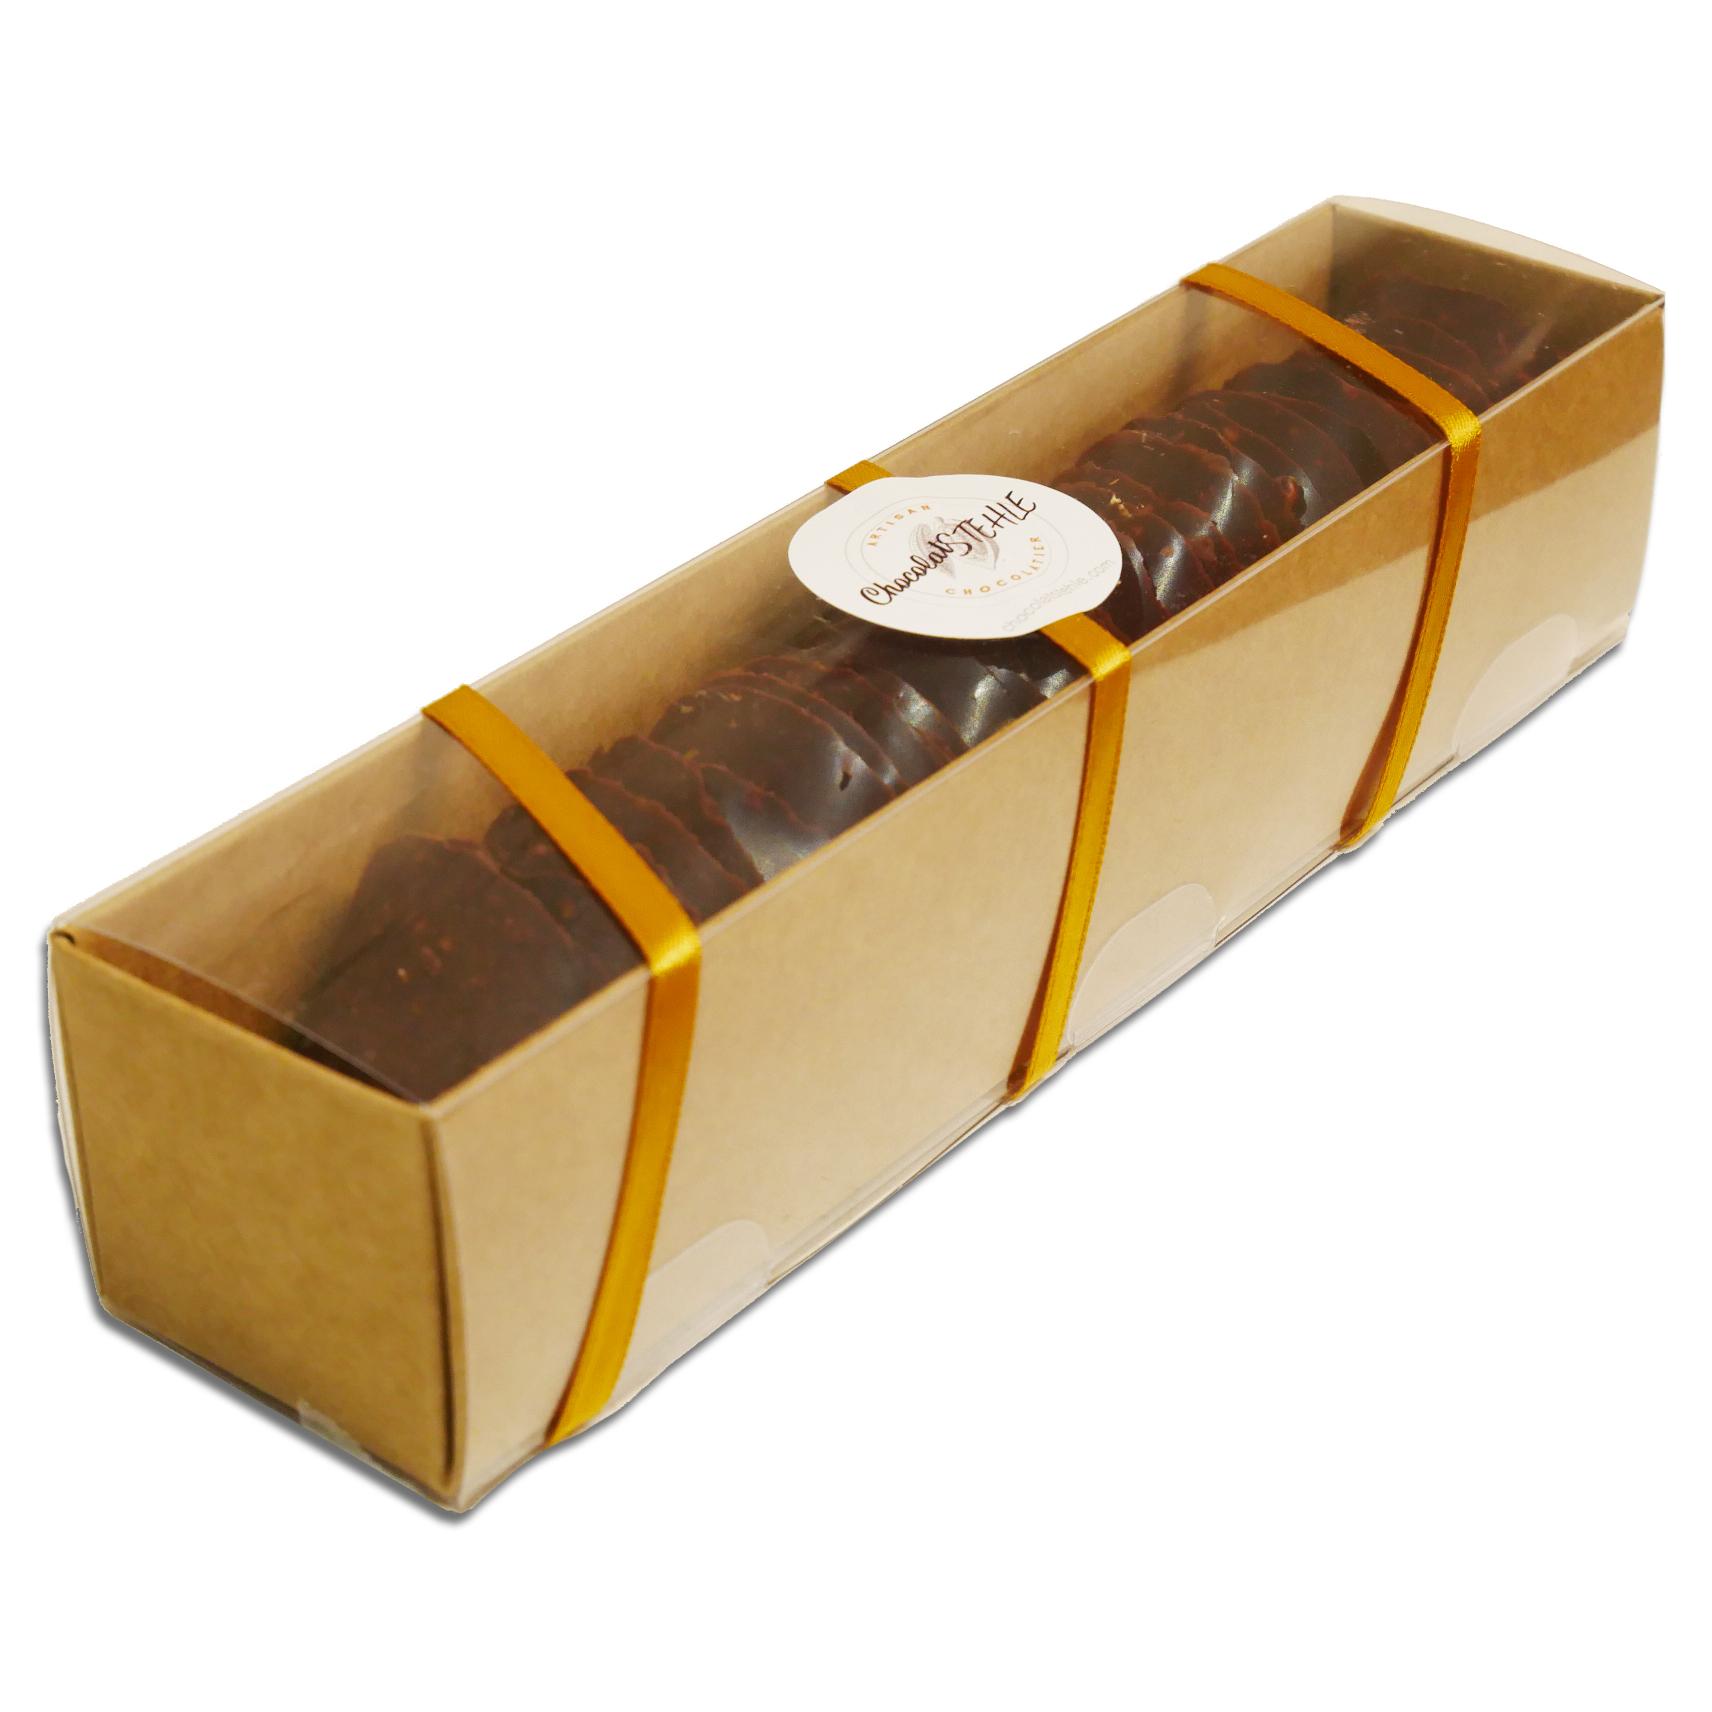 Tuiles craquantes au chocolat noir